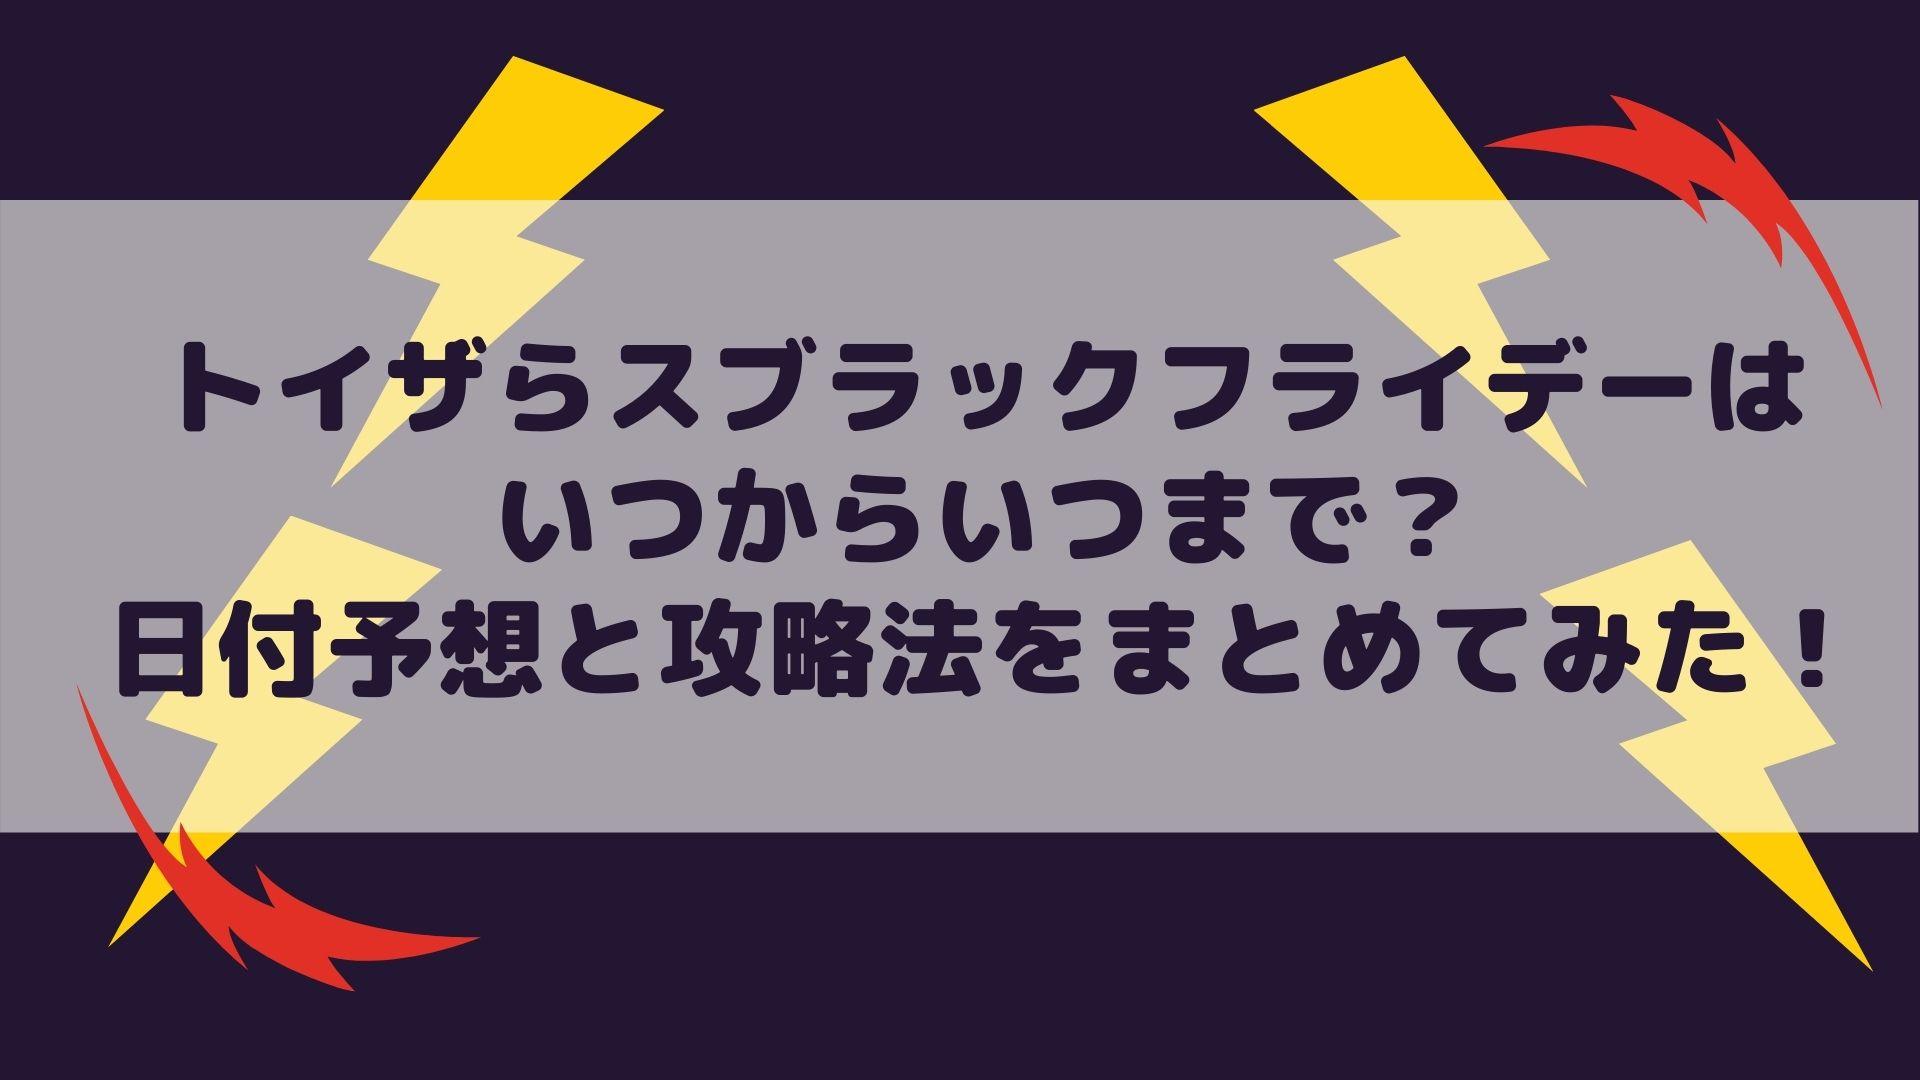 【11/12〜11/26】2020年のトイザらスブラックフライデーはいつからいつまで?日付予想と攻略法をまとめてみた!タイトル画像